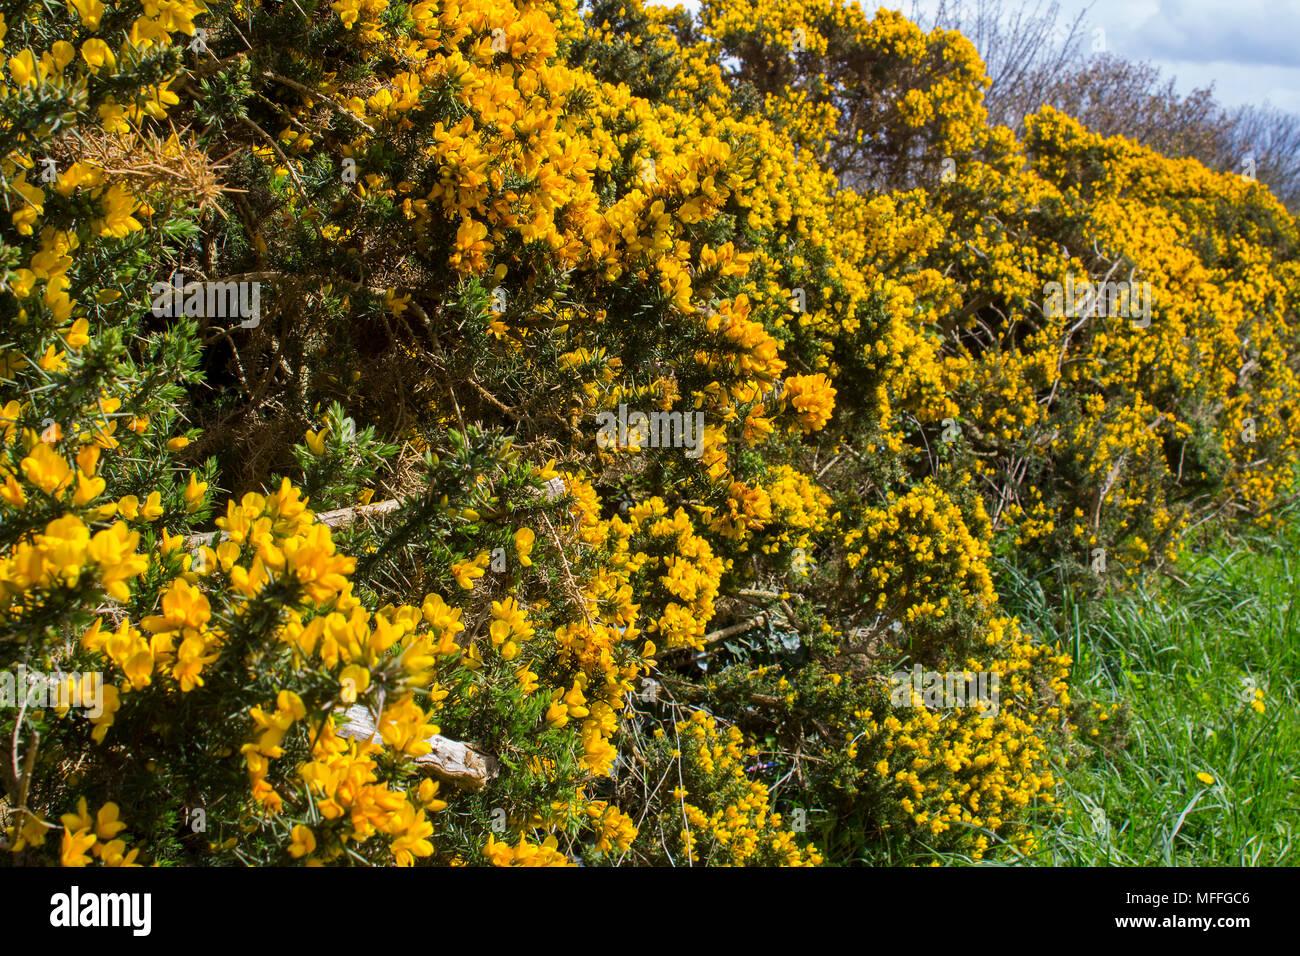 Fiori Gialli Irlanda.Fiori Di Colore Giallo Su Un Comune Whin Bush O Gorse